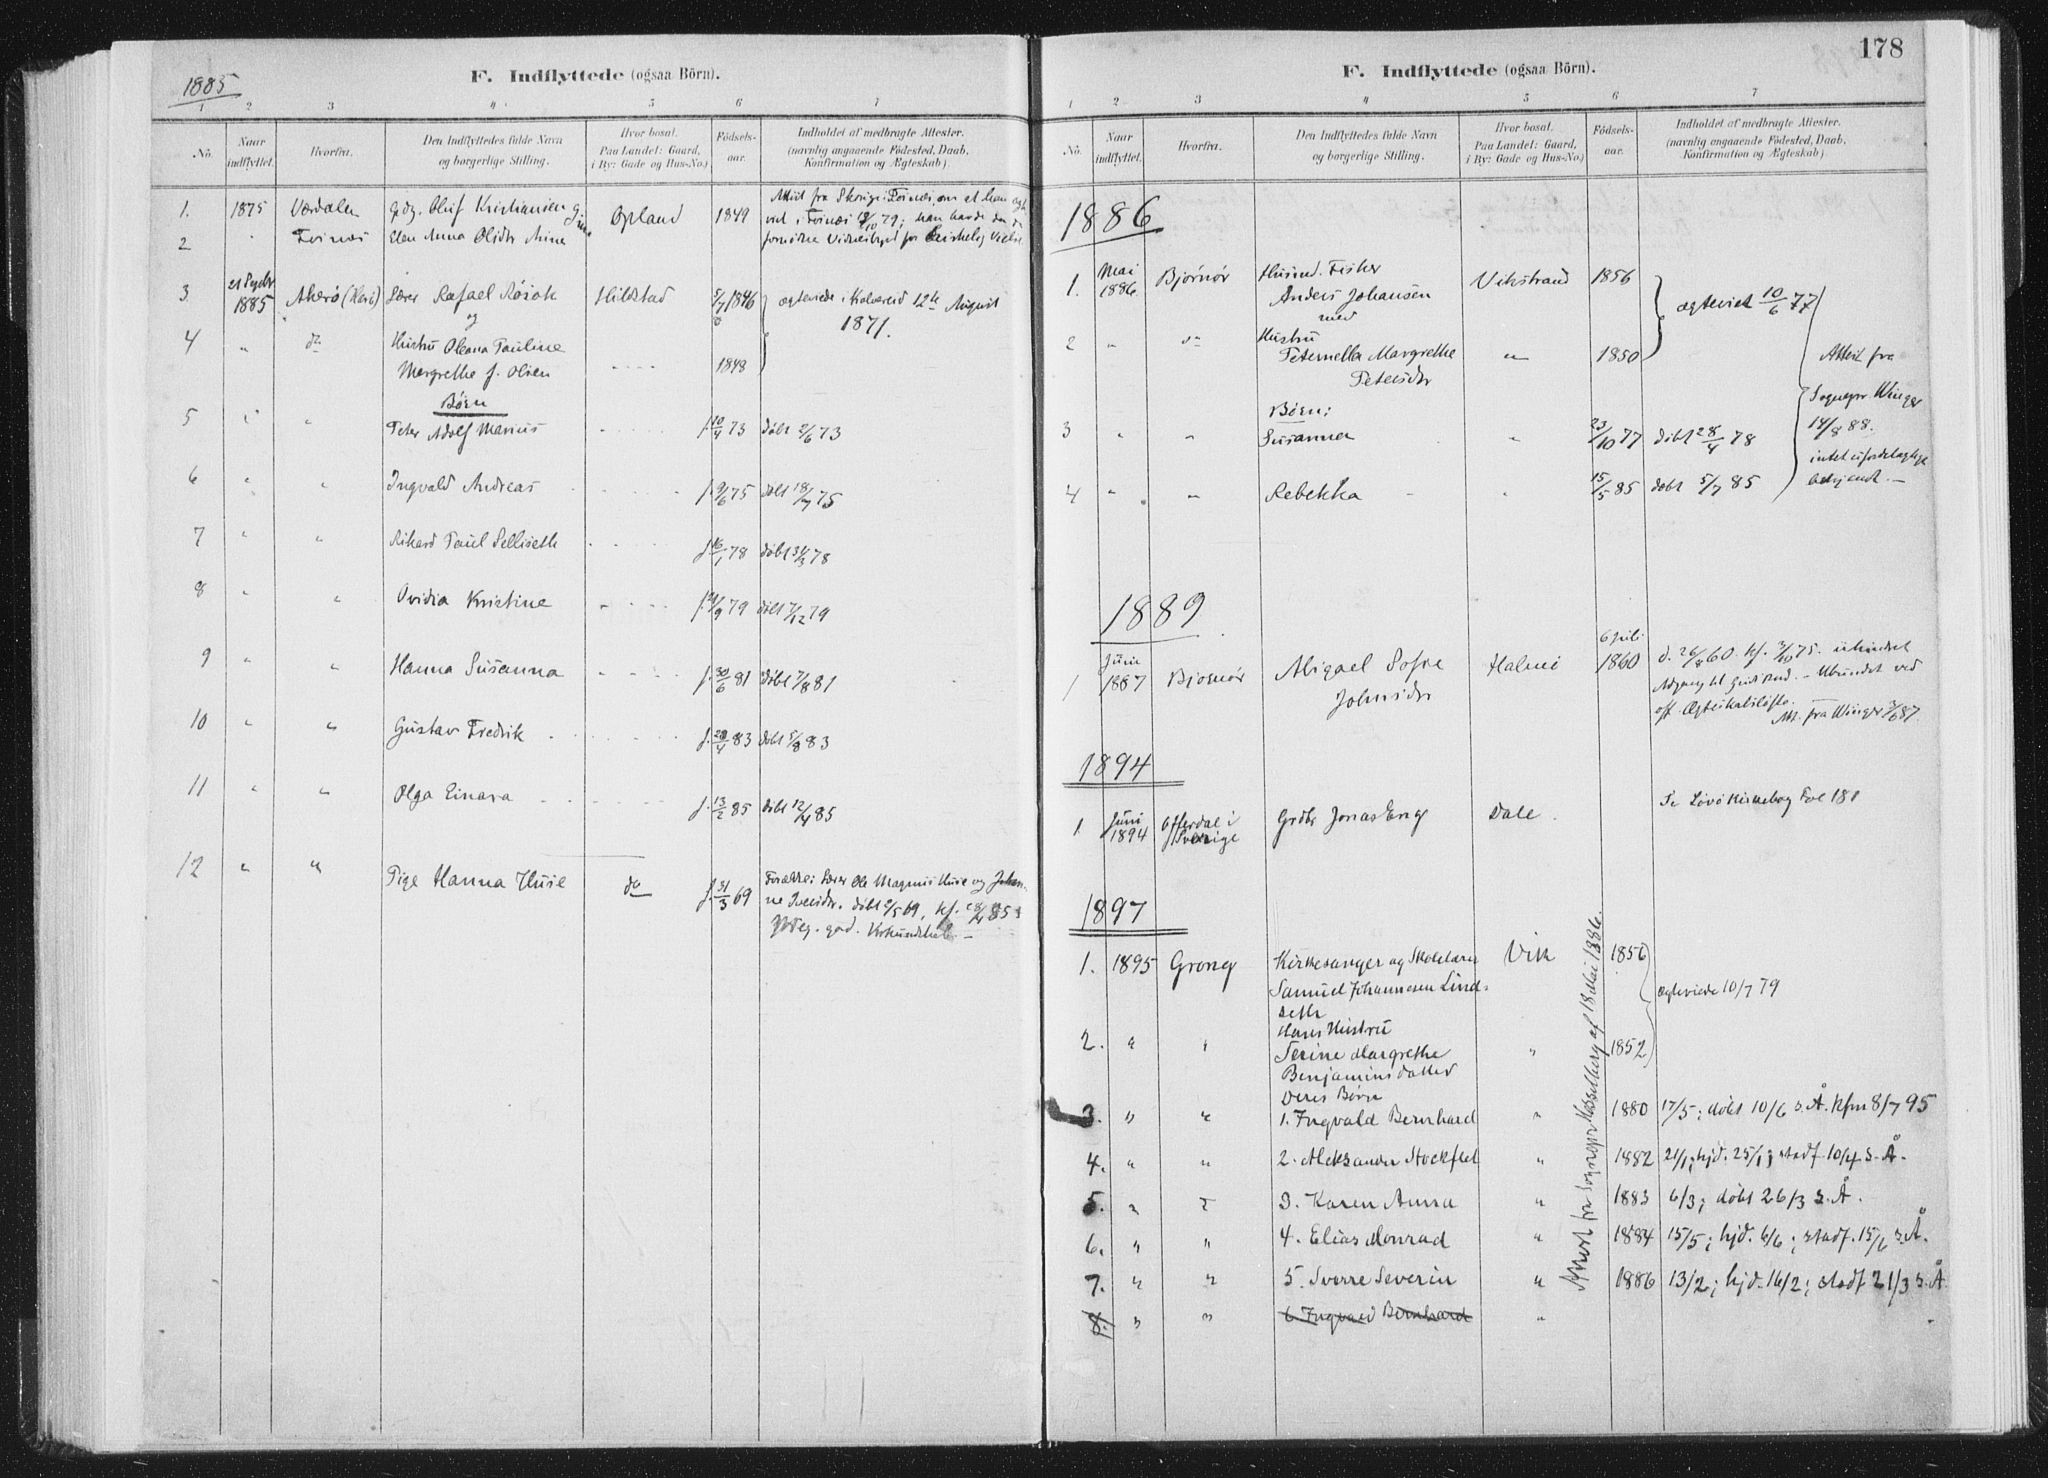 SAT, Ministerialprotokoller, klokkerbøker og fødselsregistre - Nord-Trøndelag, 771/L0597: Ministerialbok nr. 771A04, 1885-1910, s. 178